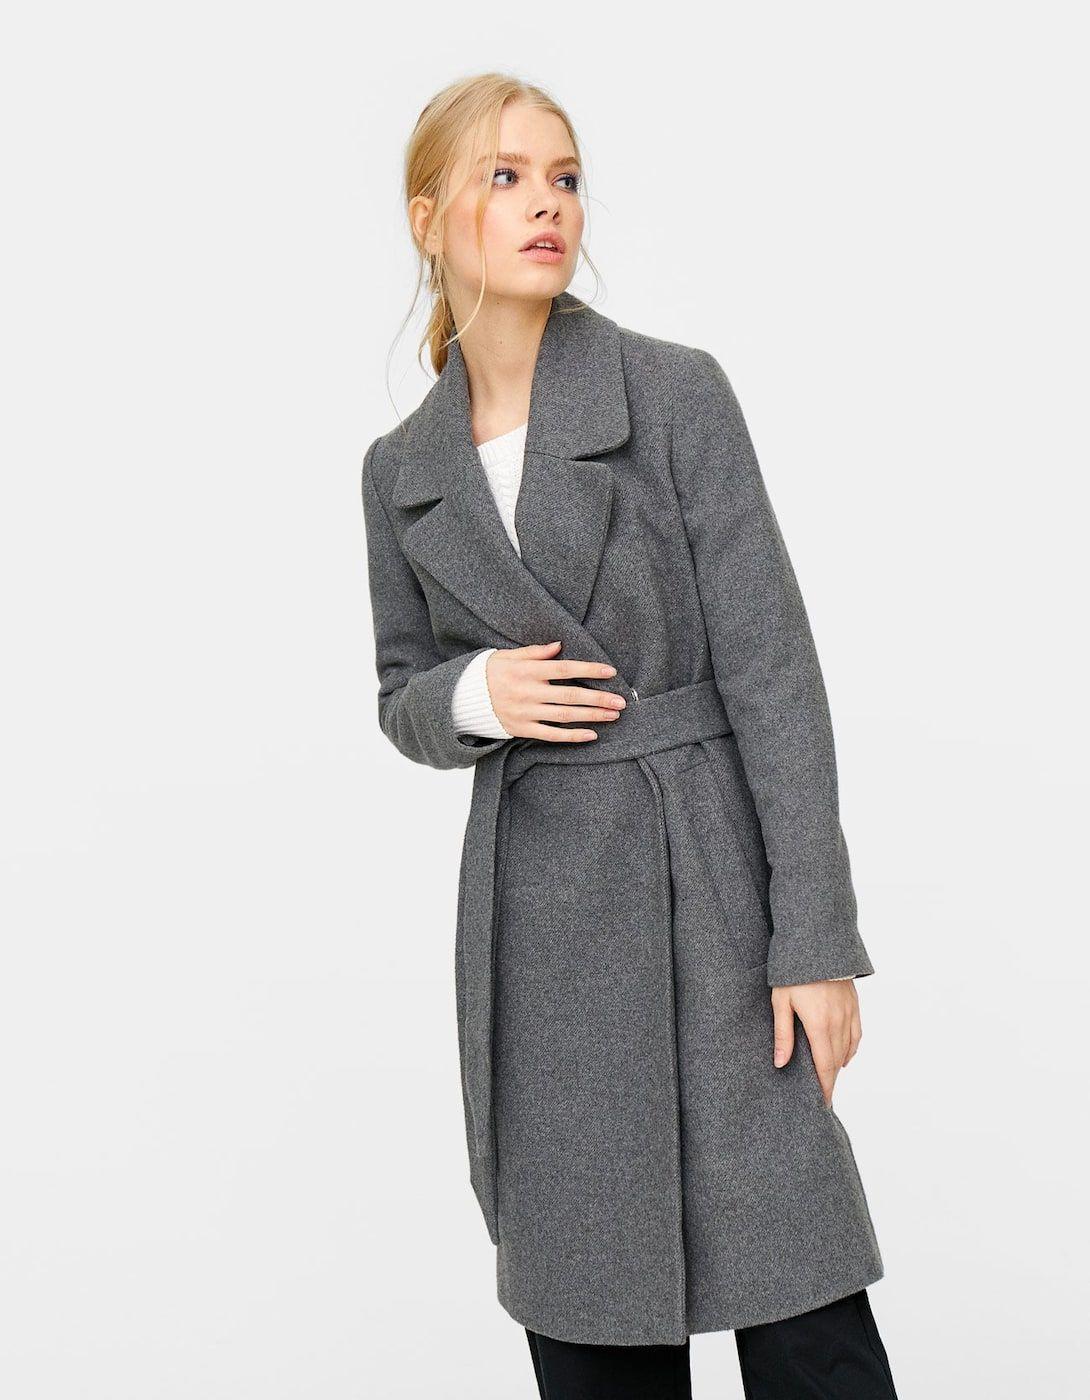 Flauszowy płaszcz z paskiem Płaszcze i kurtki